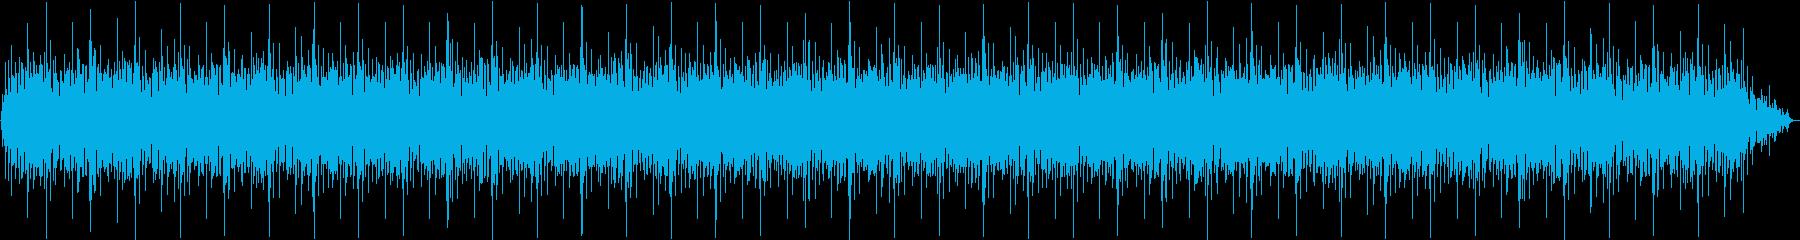 カフェで流れる軽やかなボサノバ、ピアノの再生済みの波形